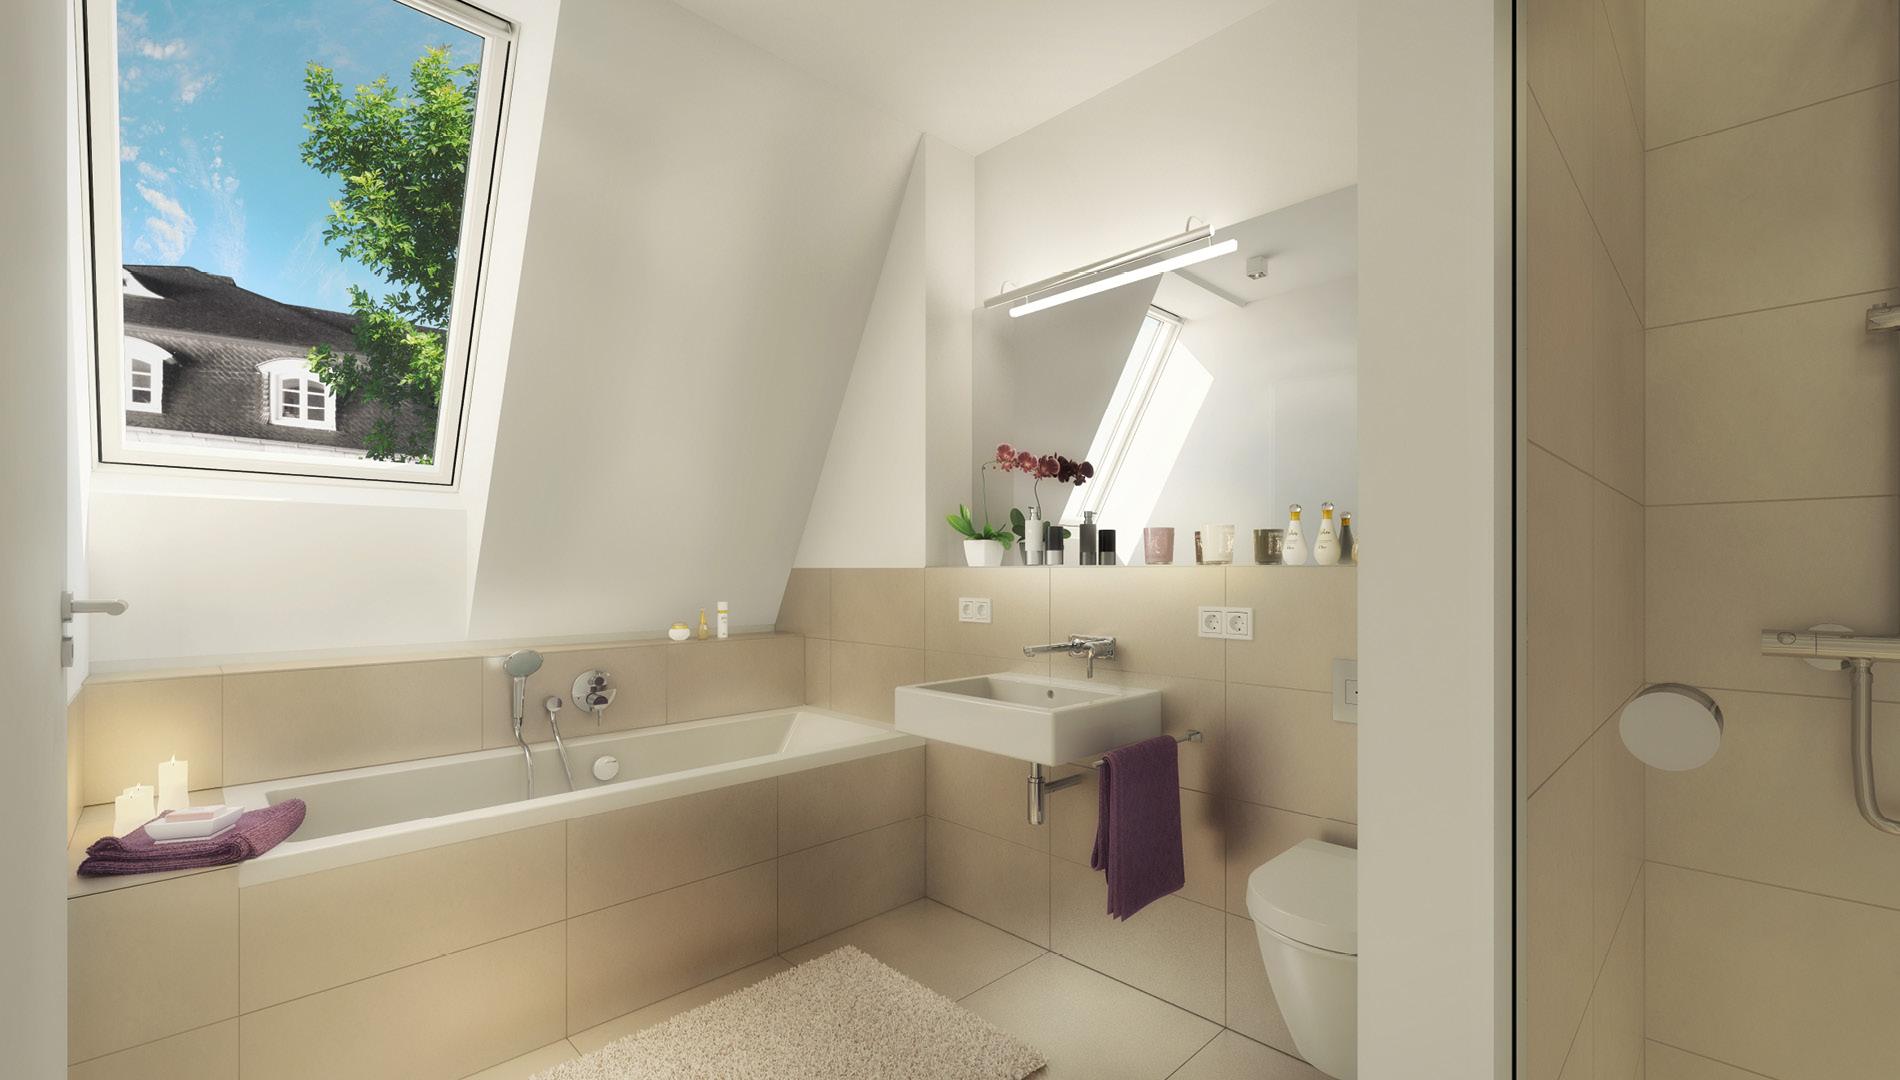 Rendering Badezimmer für das Vermarktungskonzept der Wohnimmobilie Carlstadtufer in Düsseldorf